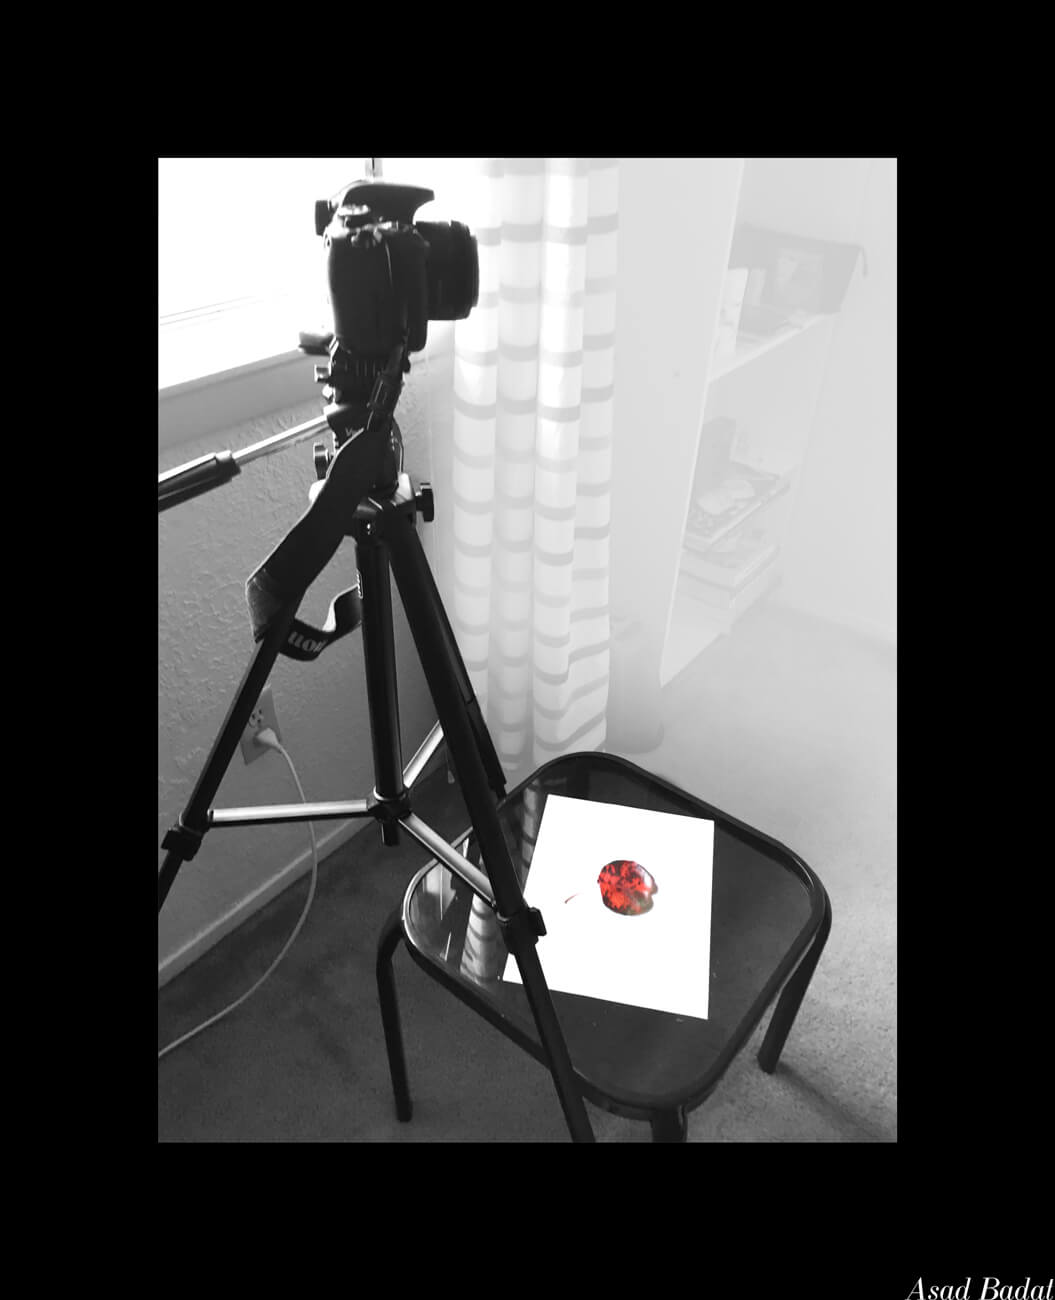 Asad-Badat-Autumn-Leaves-Camera-Setup.jpg